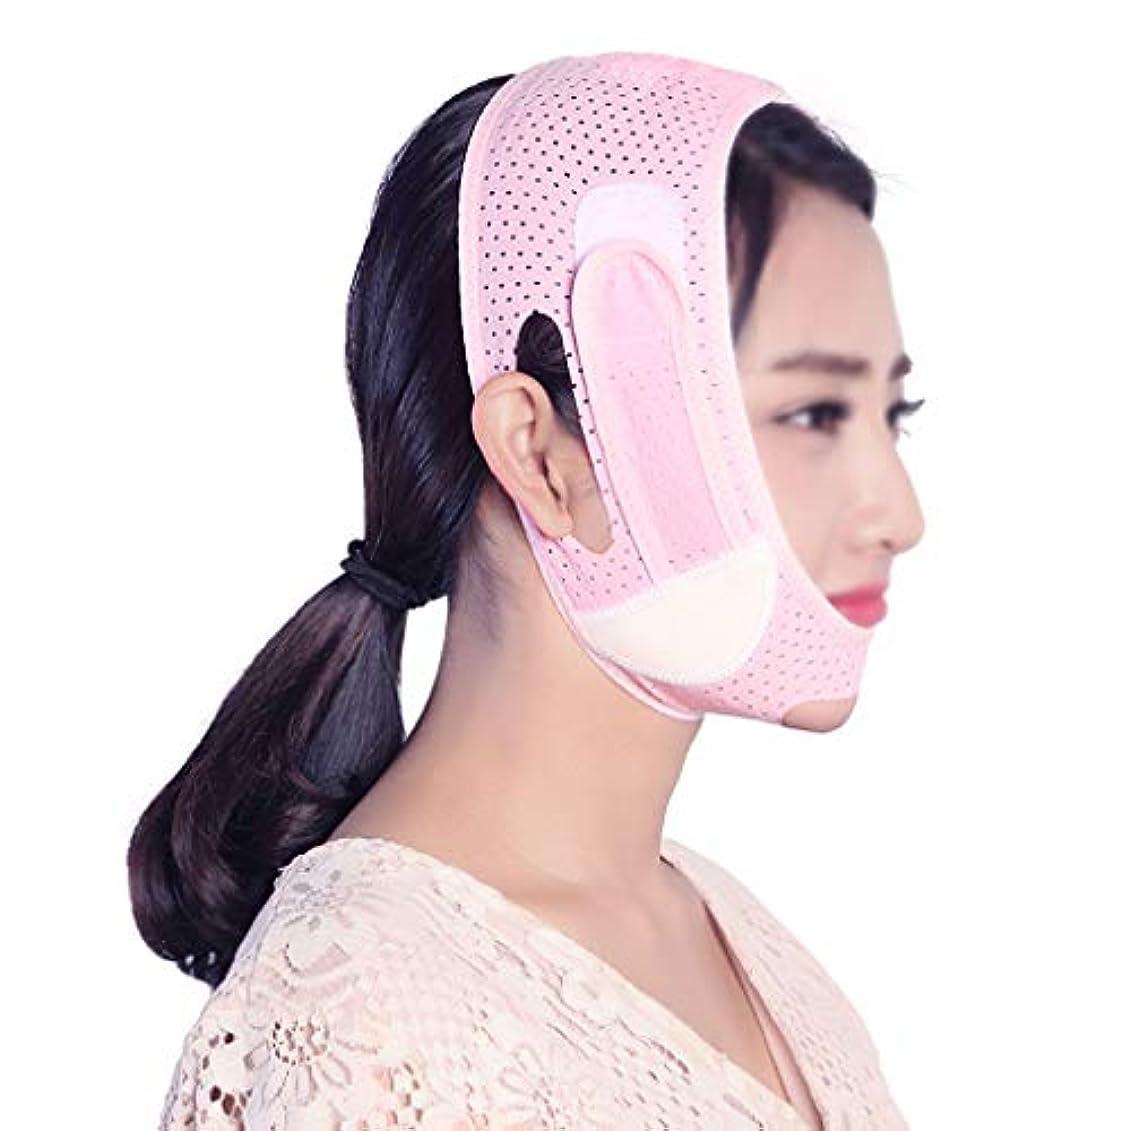 ハント休日みぞれGLJJQMY スリムな包帯フェイシャルトリートメント強化フェイシャルチークV型アンチリンクルダブルチンビューティツール 顔用整形マスク